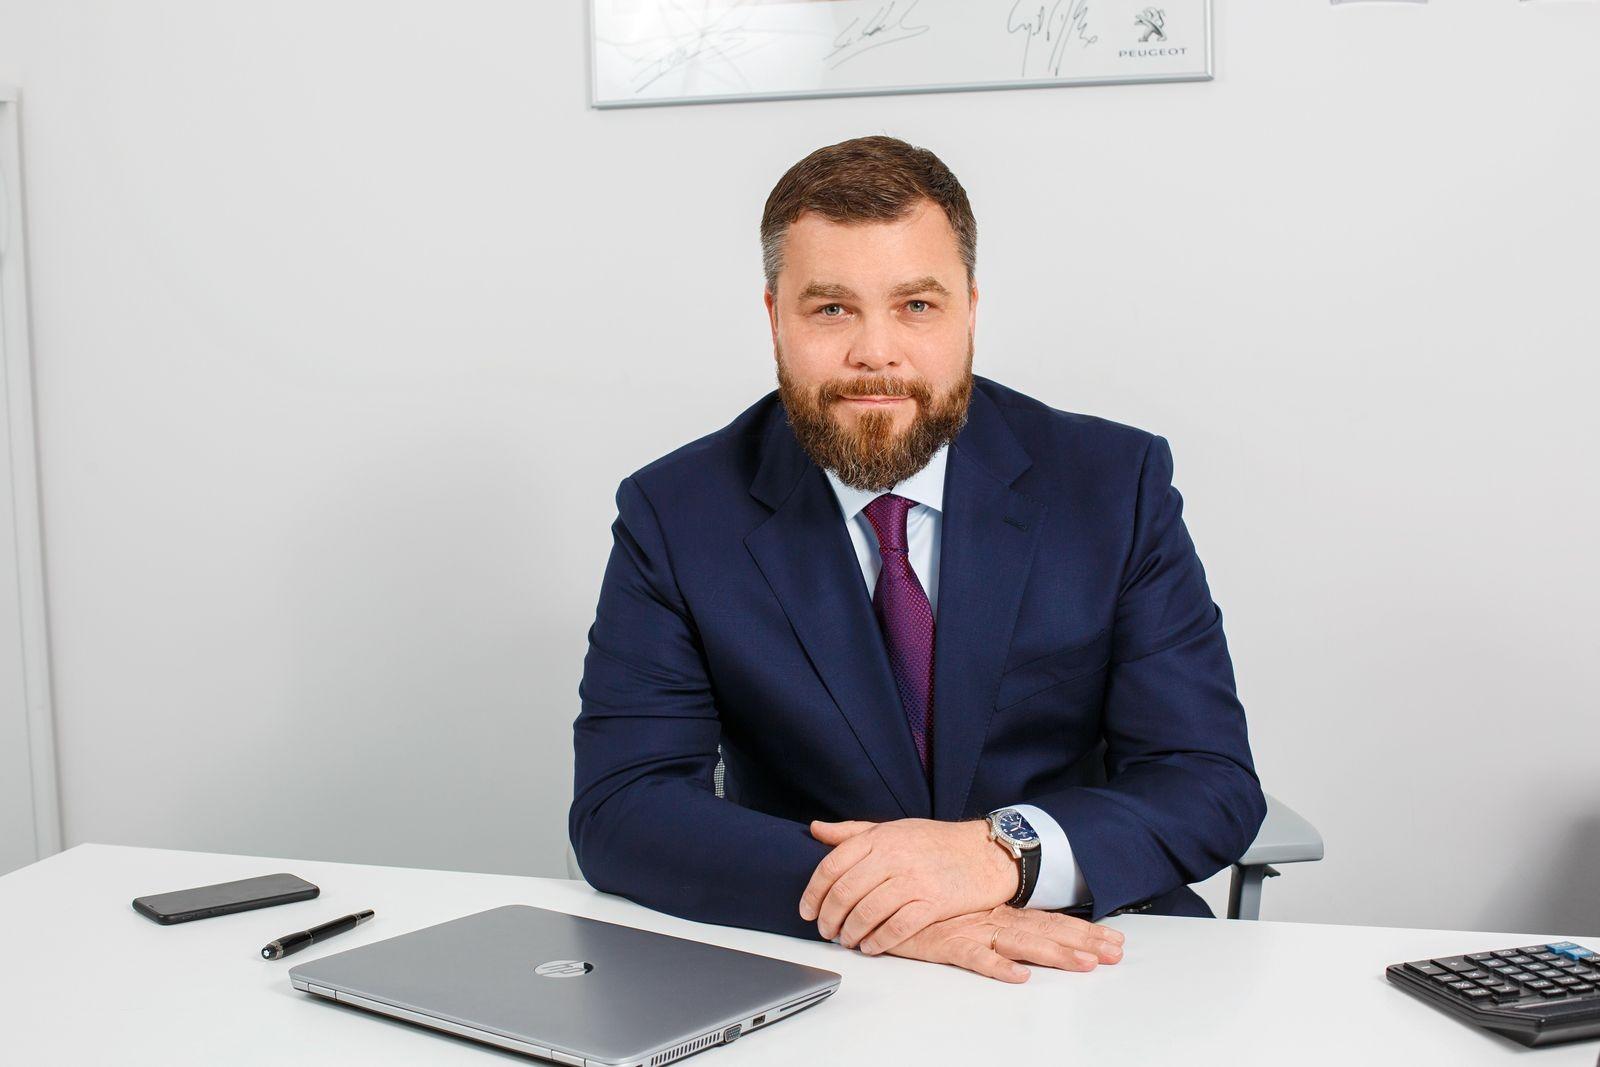 Алексей Володин, управляющий директор брендов Peugeot, Citroen и DS в России.